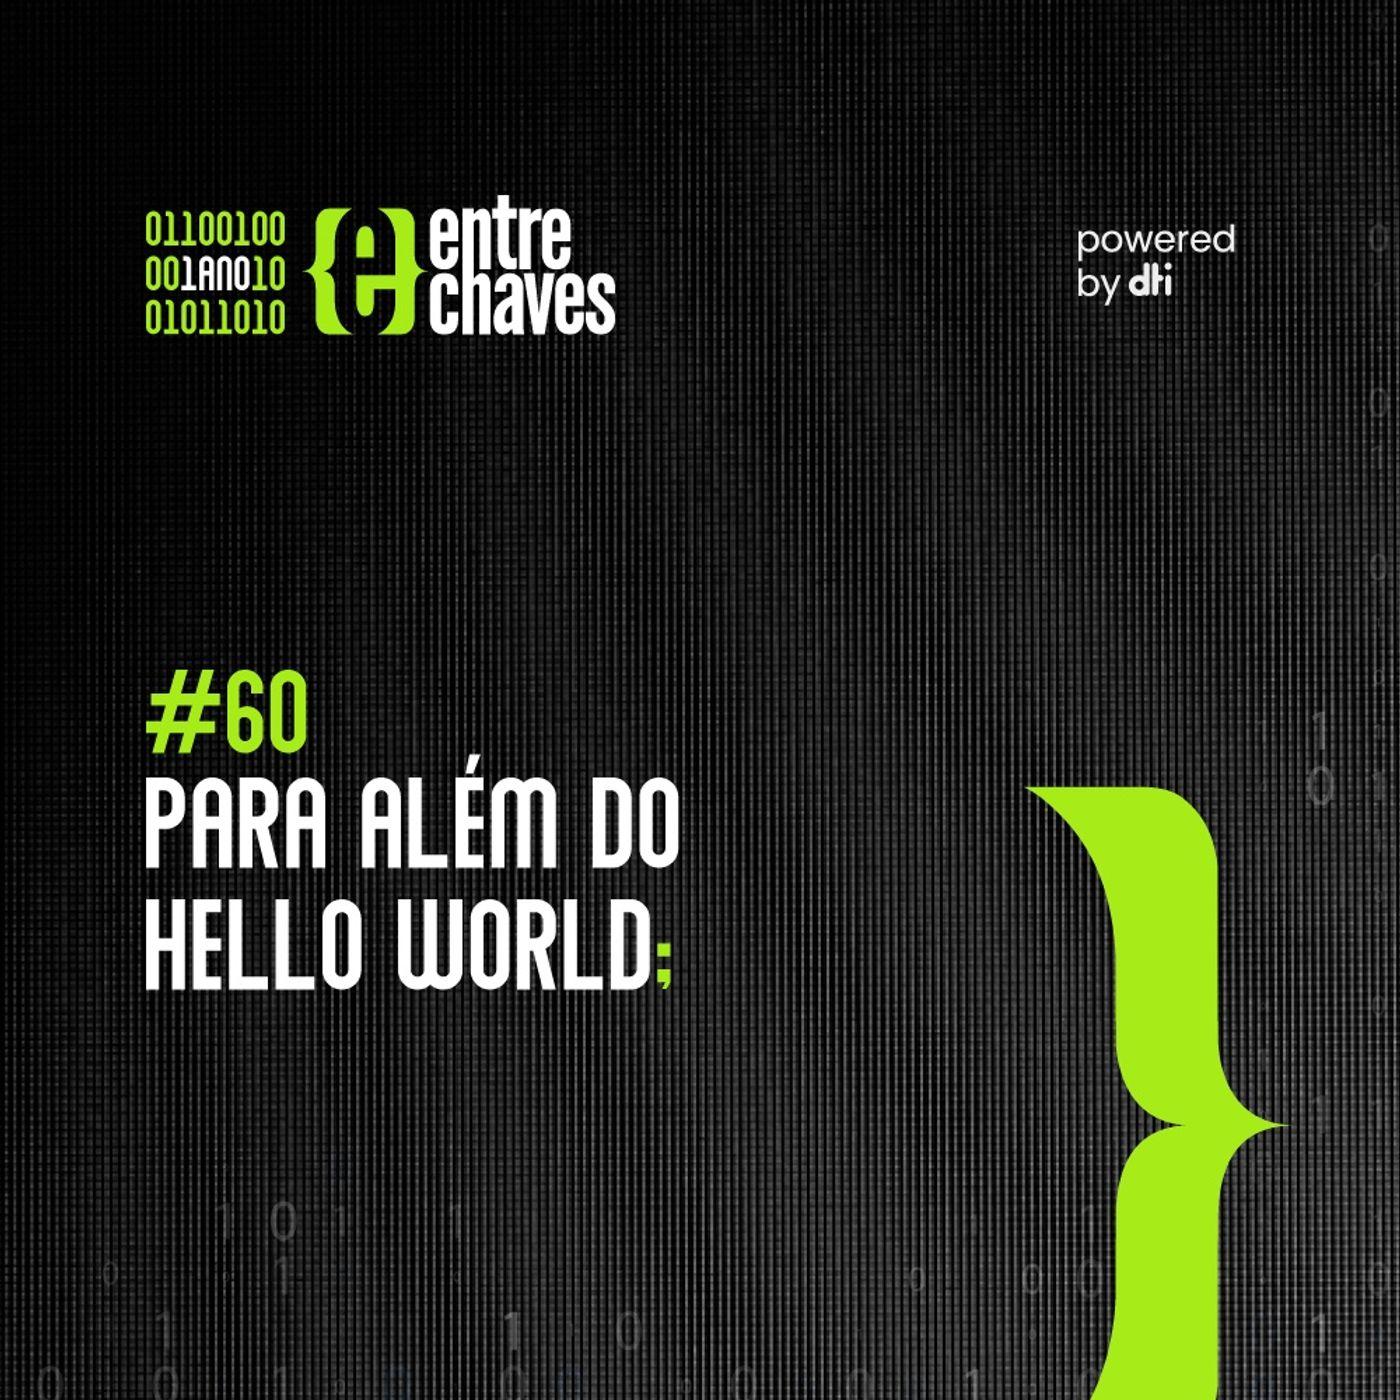 Além do Hello World